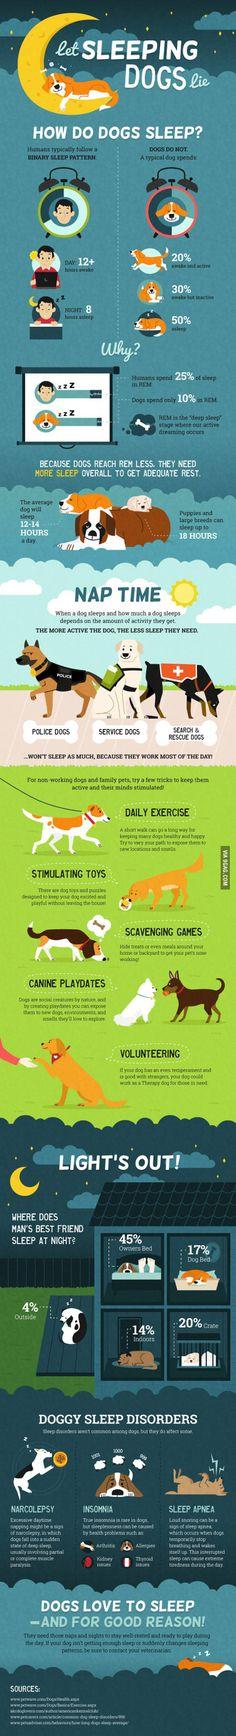 How Much Sleep Do Dogs Need?